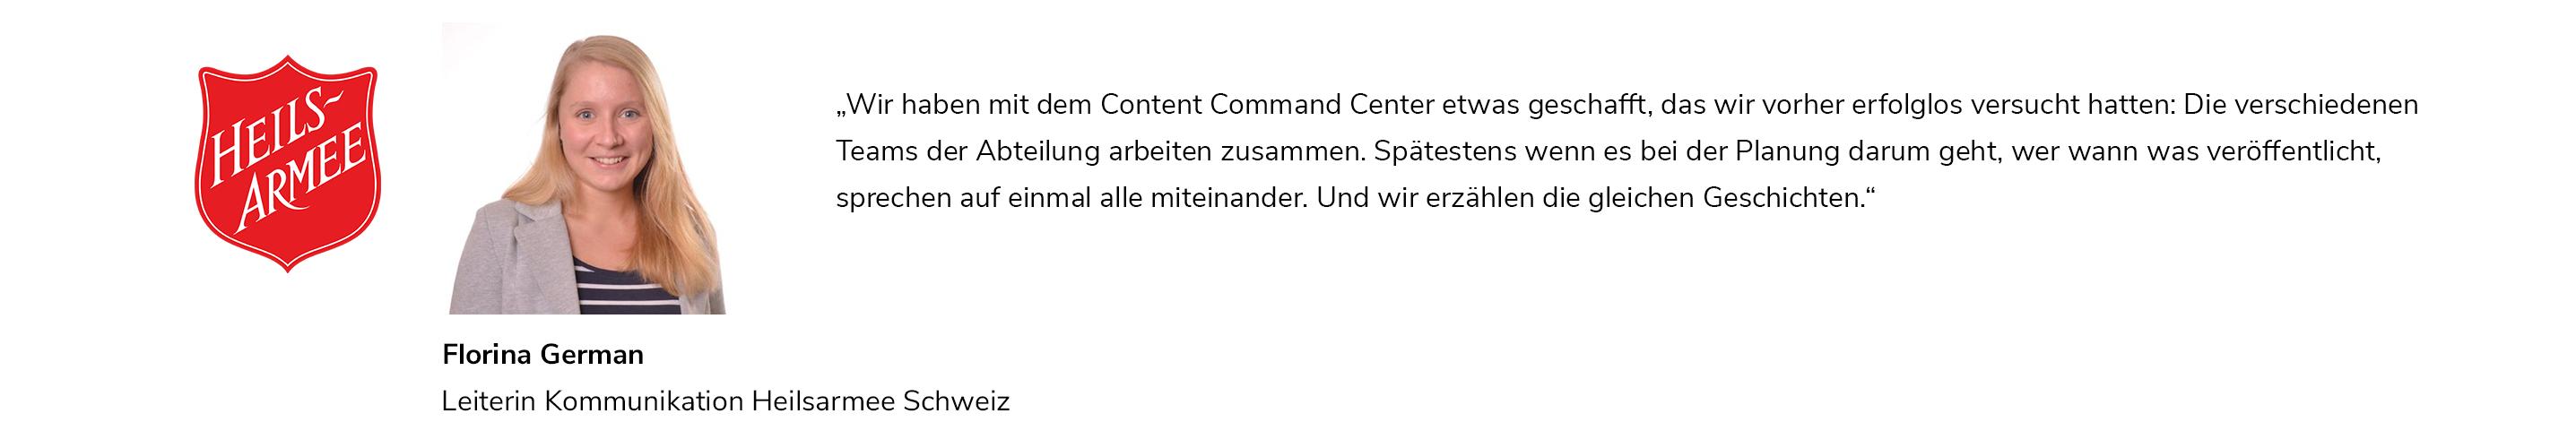 Heilsarmee1 Scompler Quotes CCC LP-3